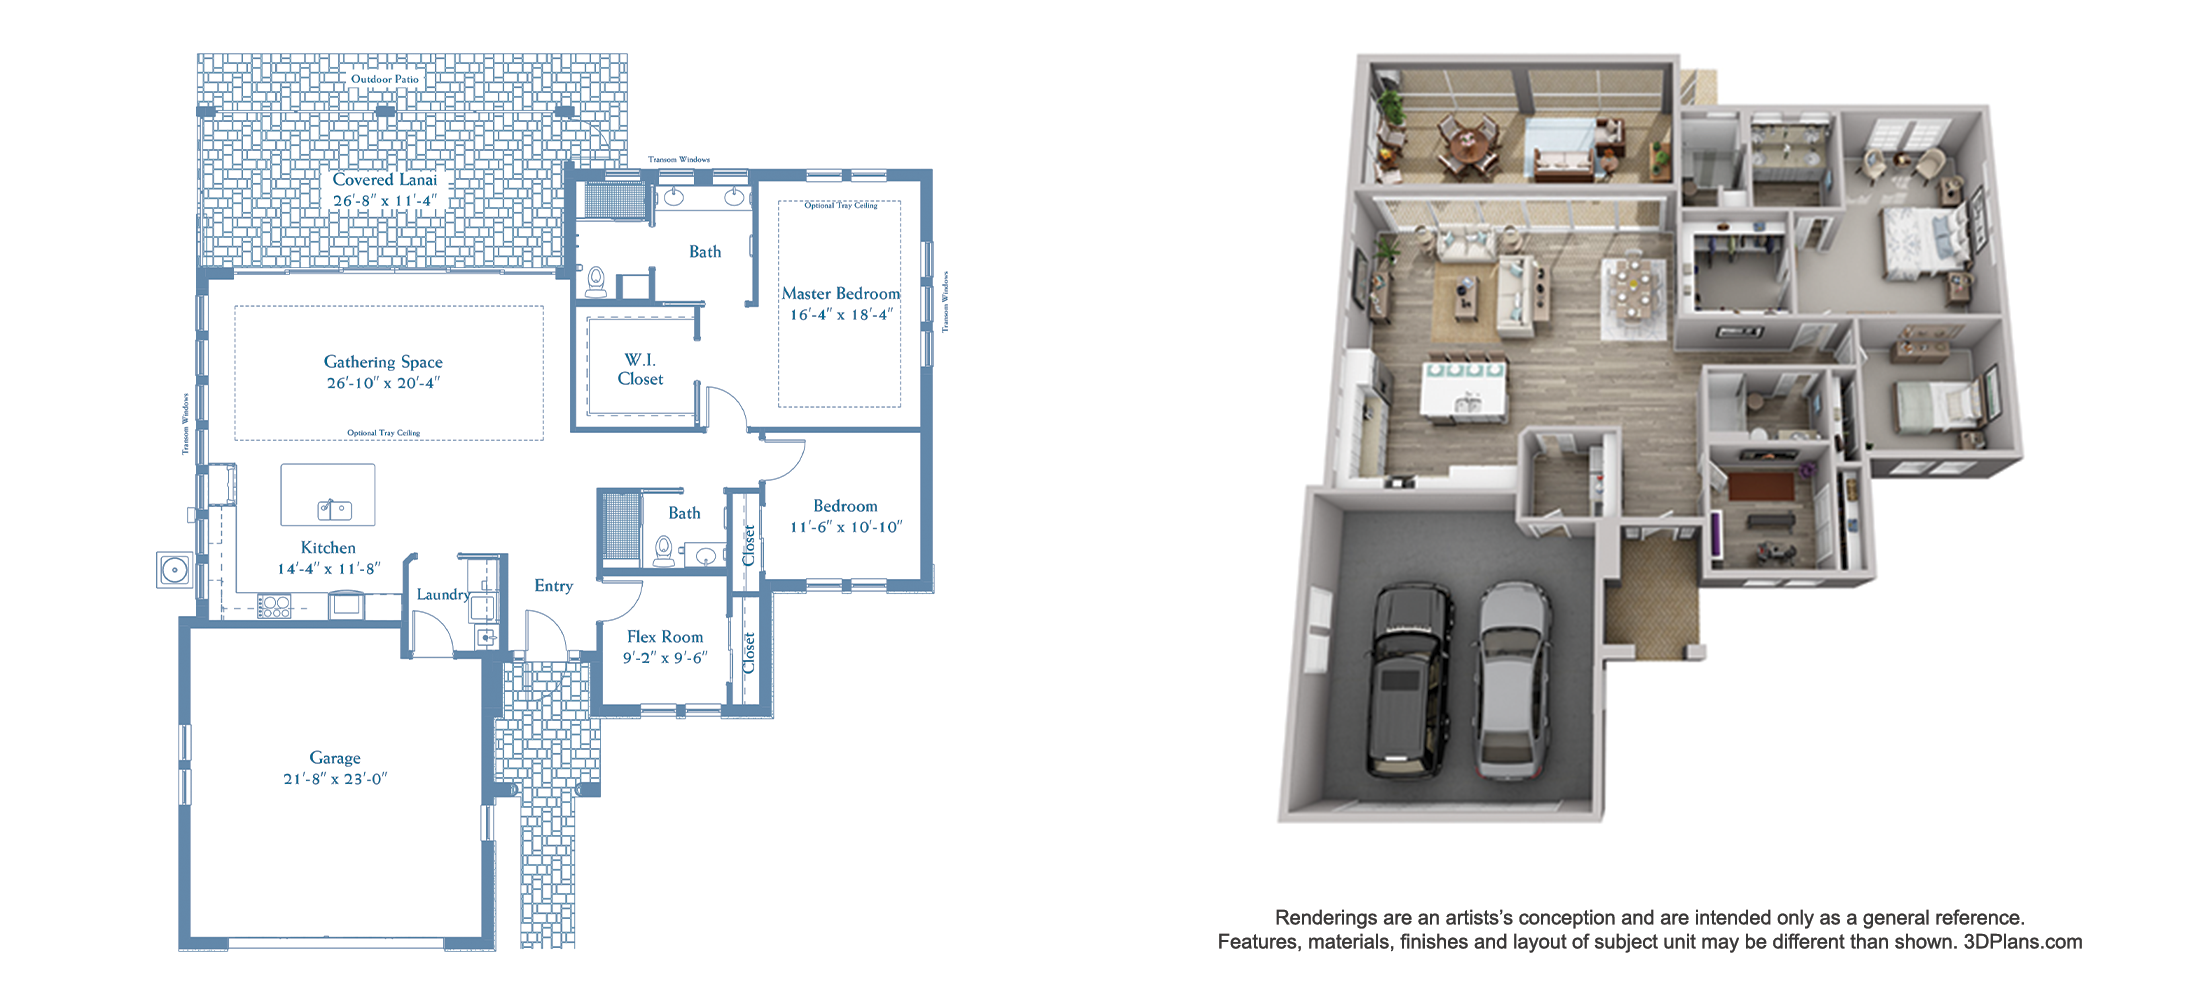 Starling floor plan